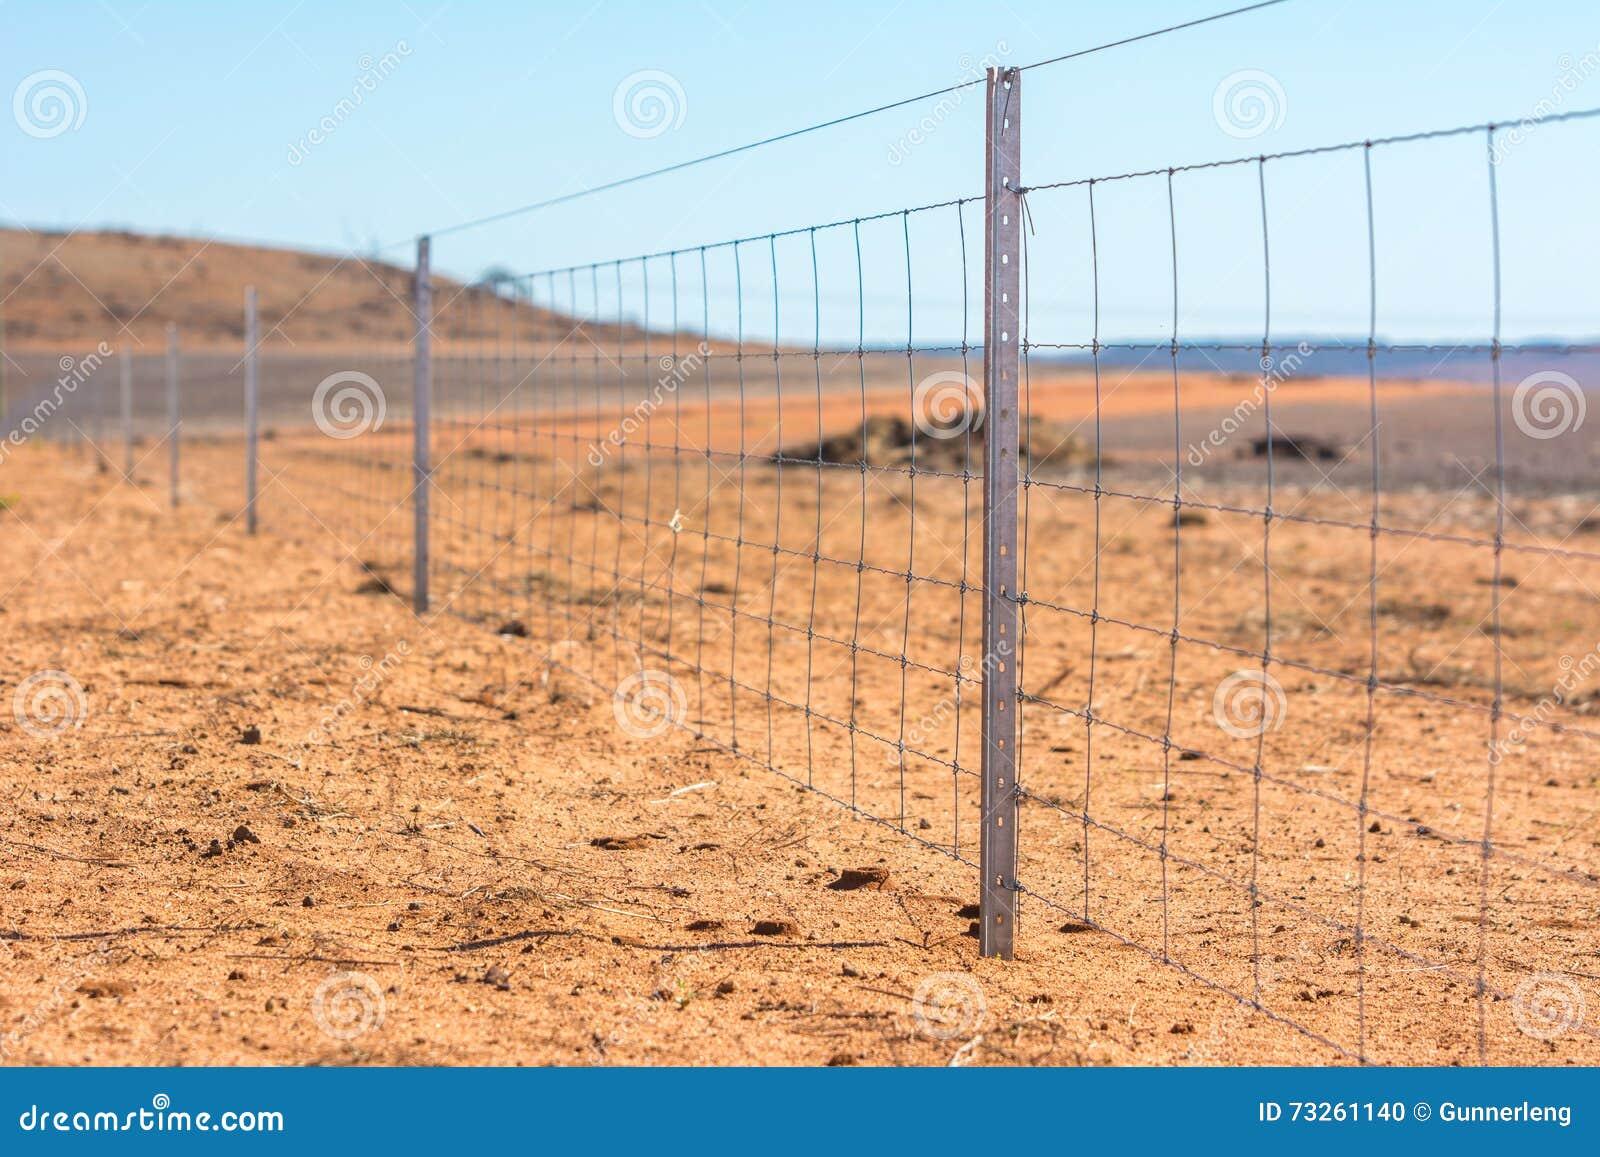 Prikkeldraadomheining op droog land in West-Australië